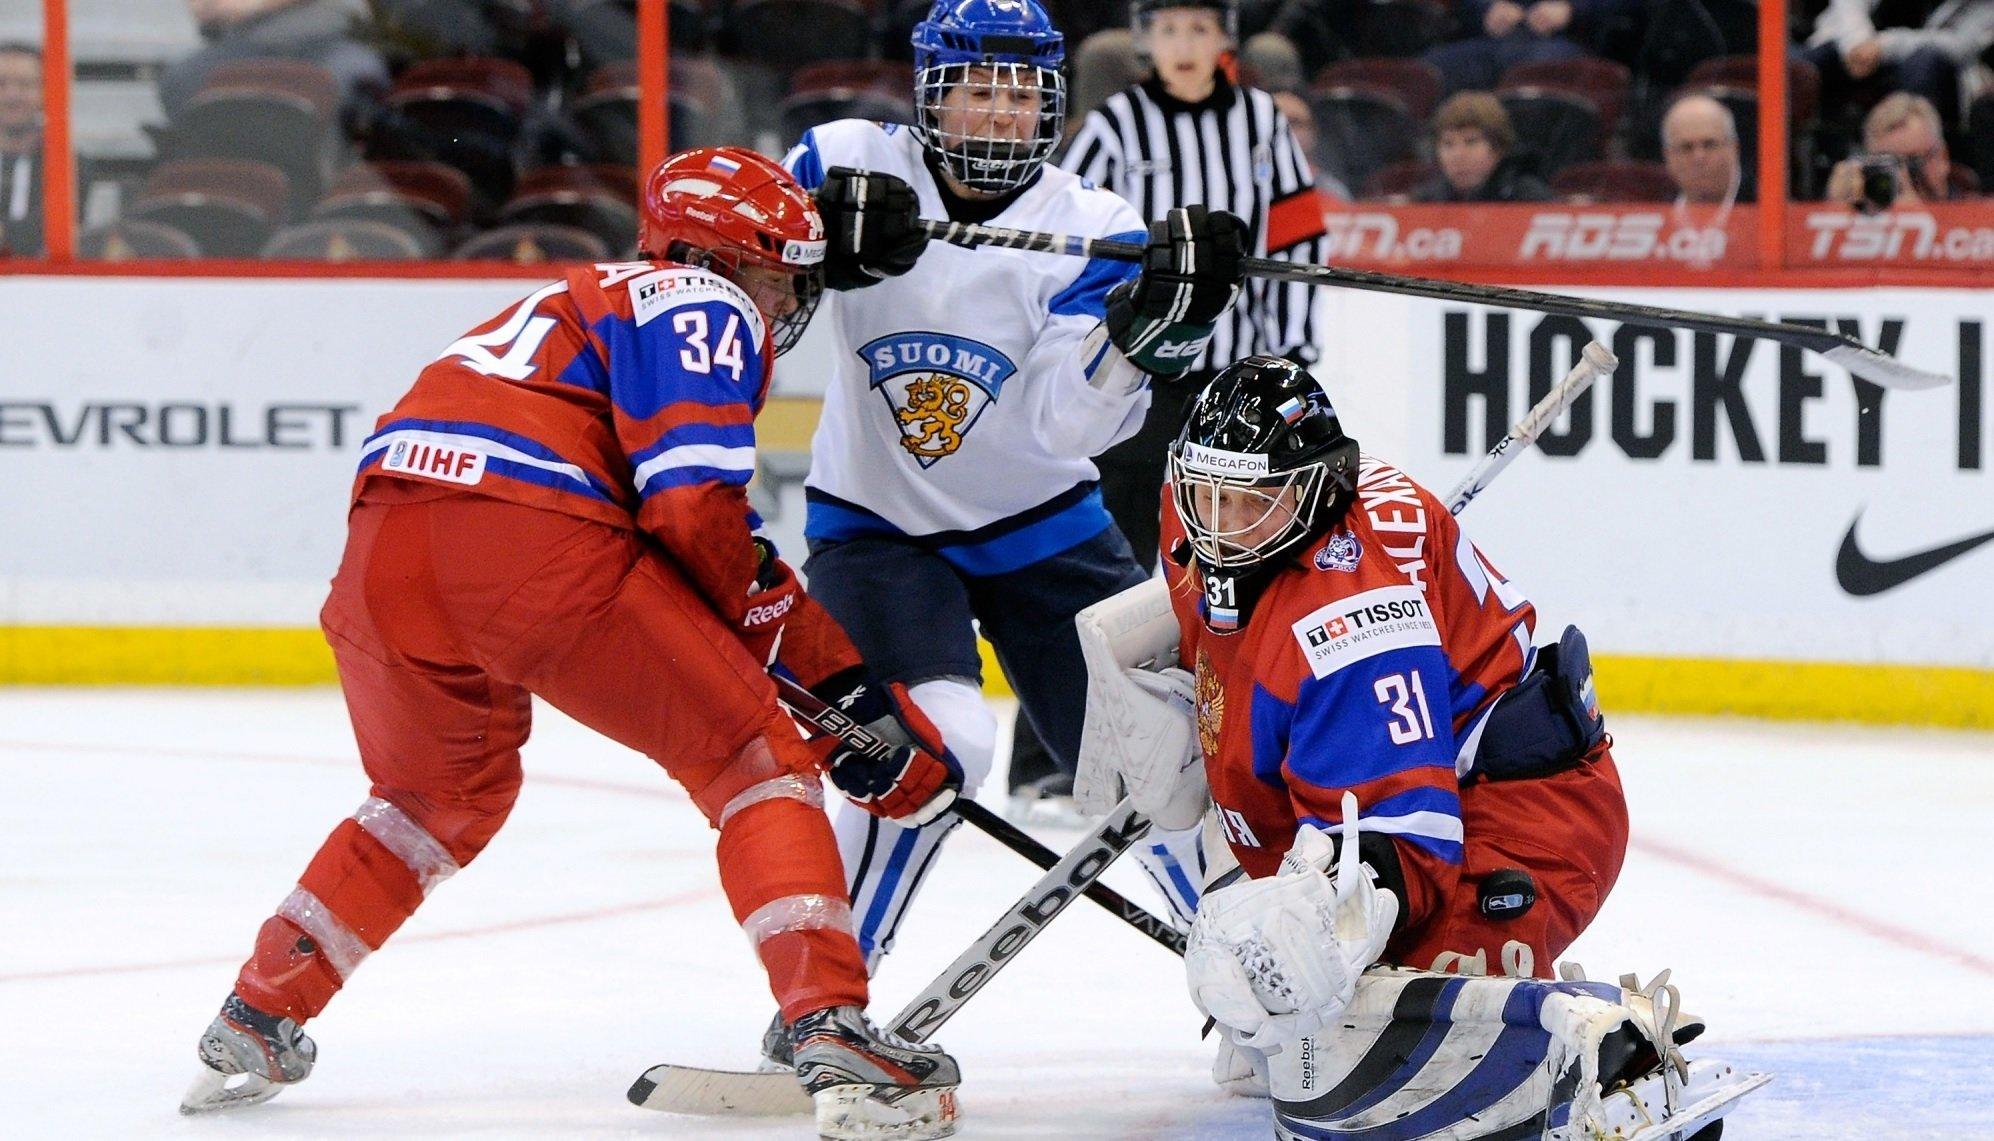 Женская сборная РФ похоккею проиграла Канаде срезультатом 0:8